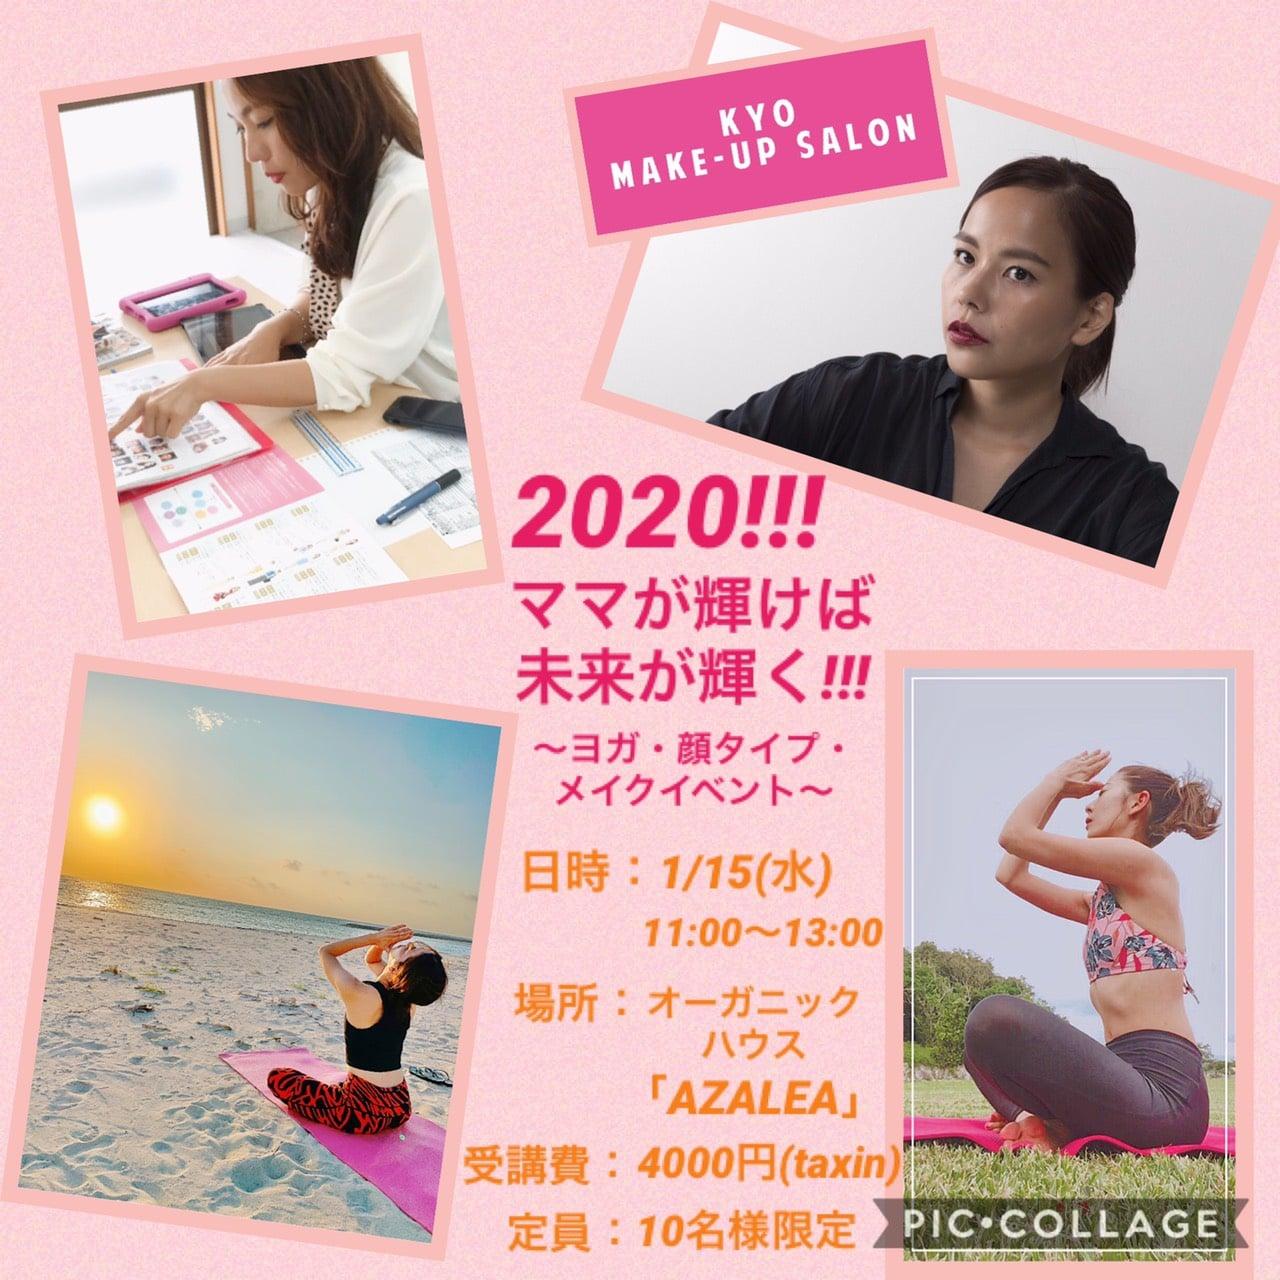 『2020 ママが輝けば未来が輝く!』 〜ヨガ・顔タイプ・メイクイベント〜のイメージその1